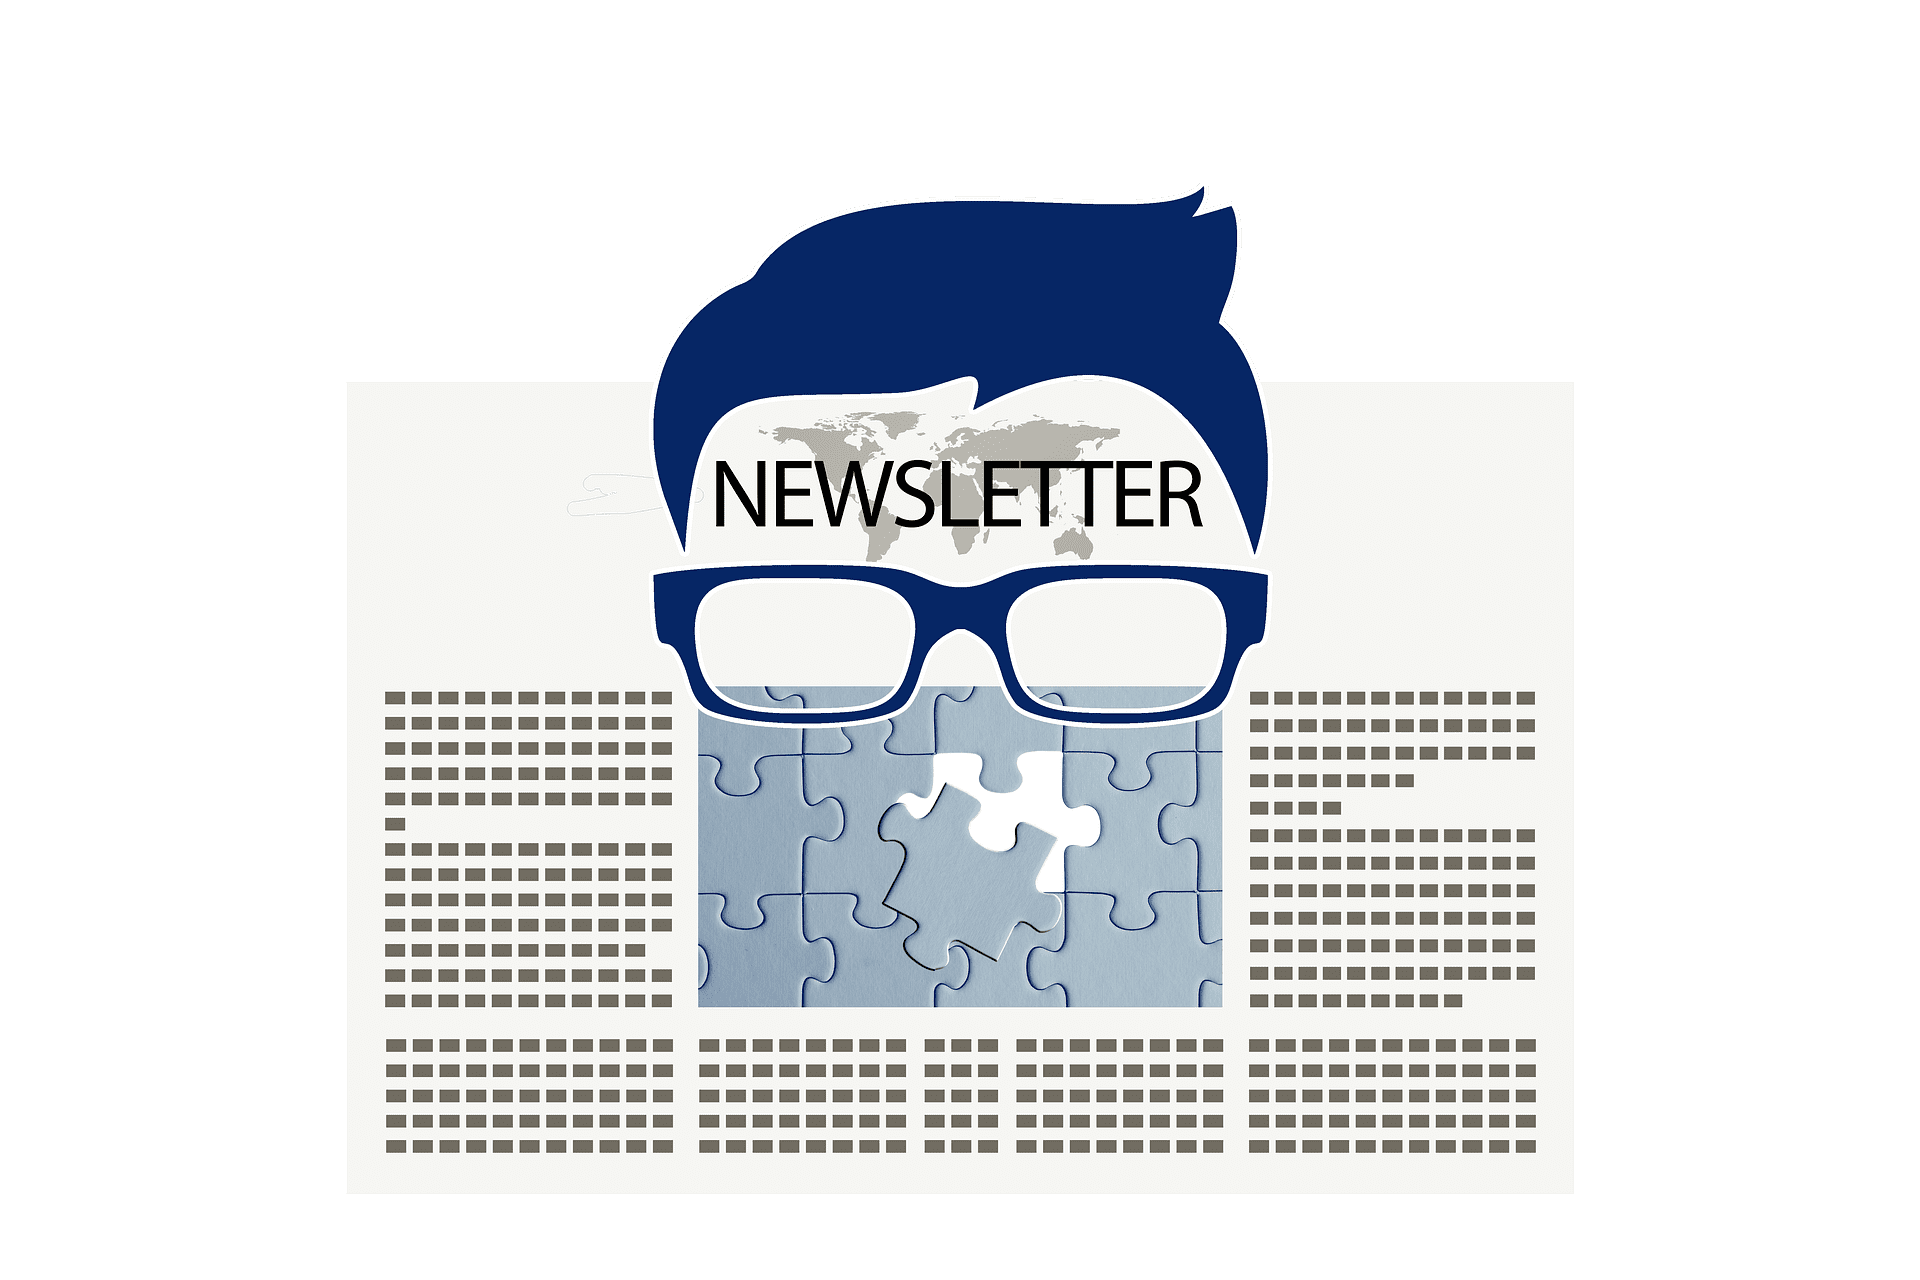 Newsletter-Marketing Staufen, Remseck, Freiburg und Stuttgart